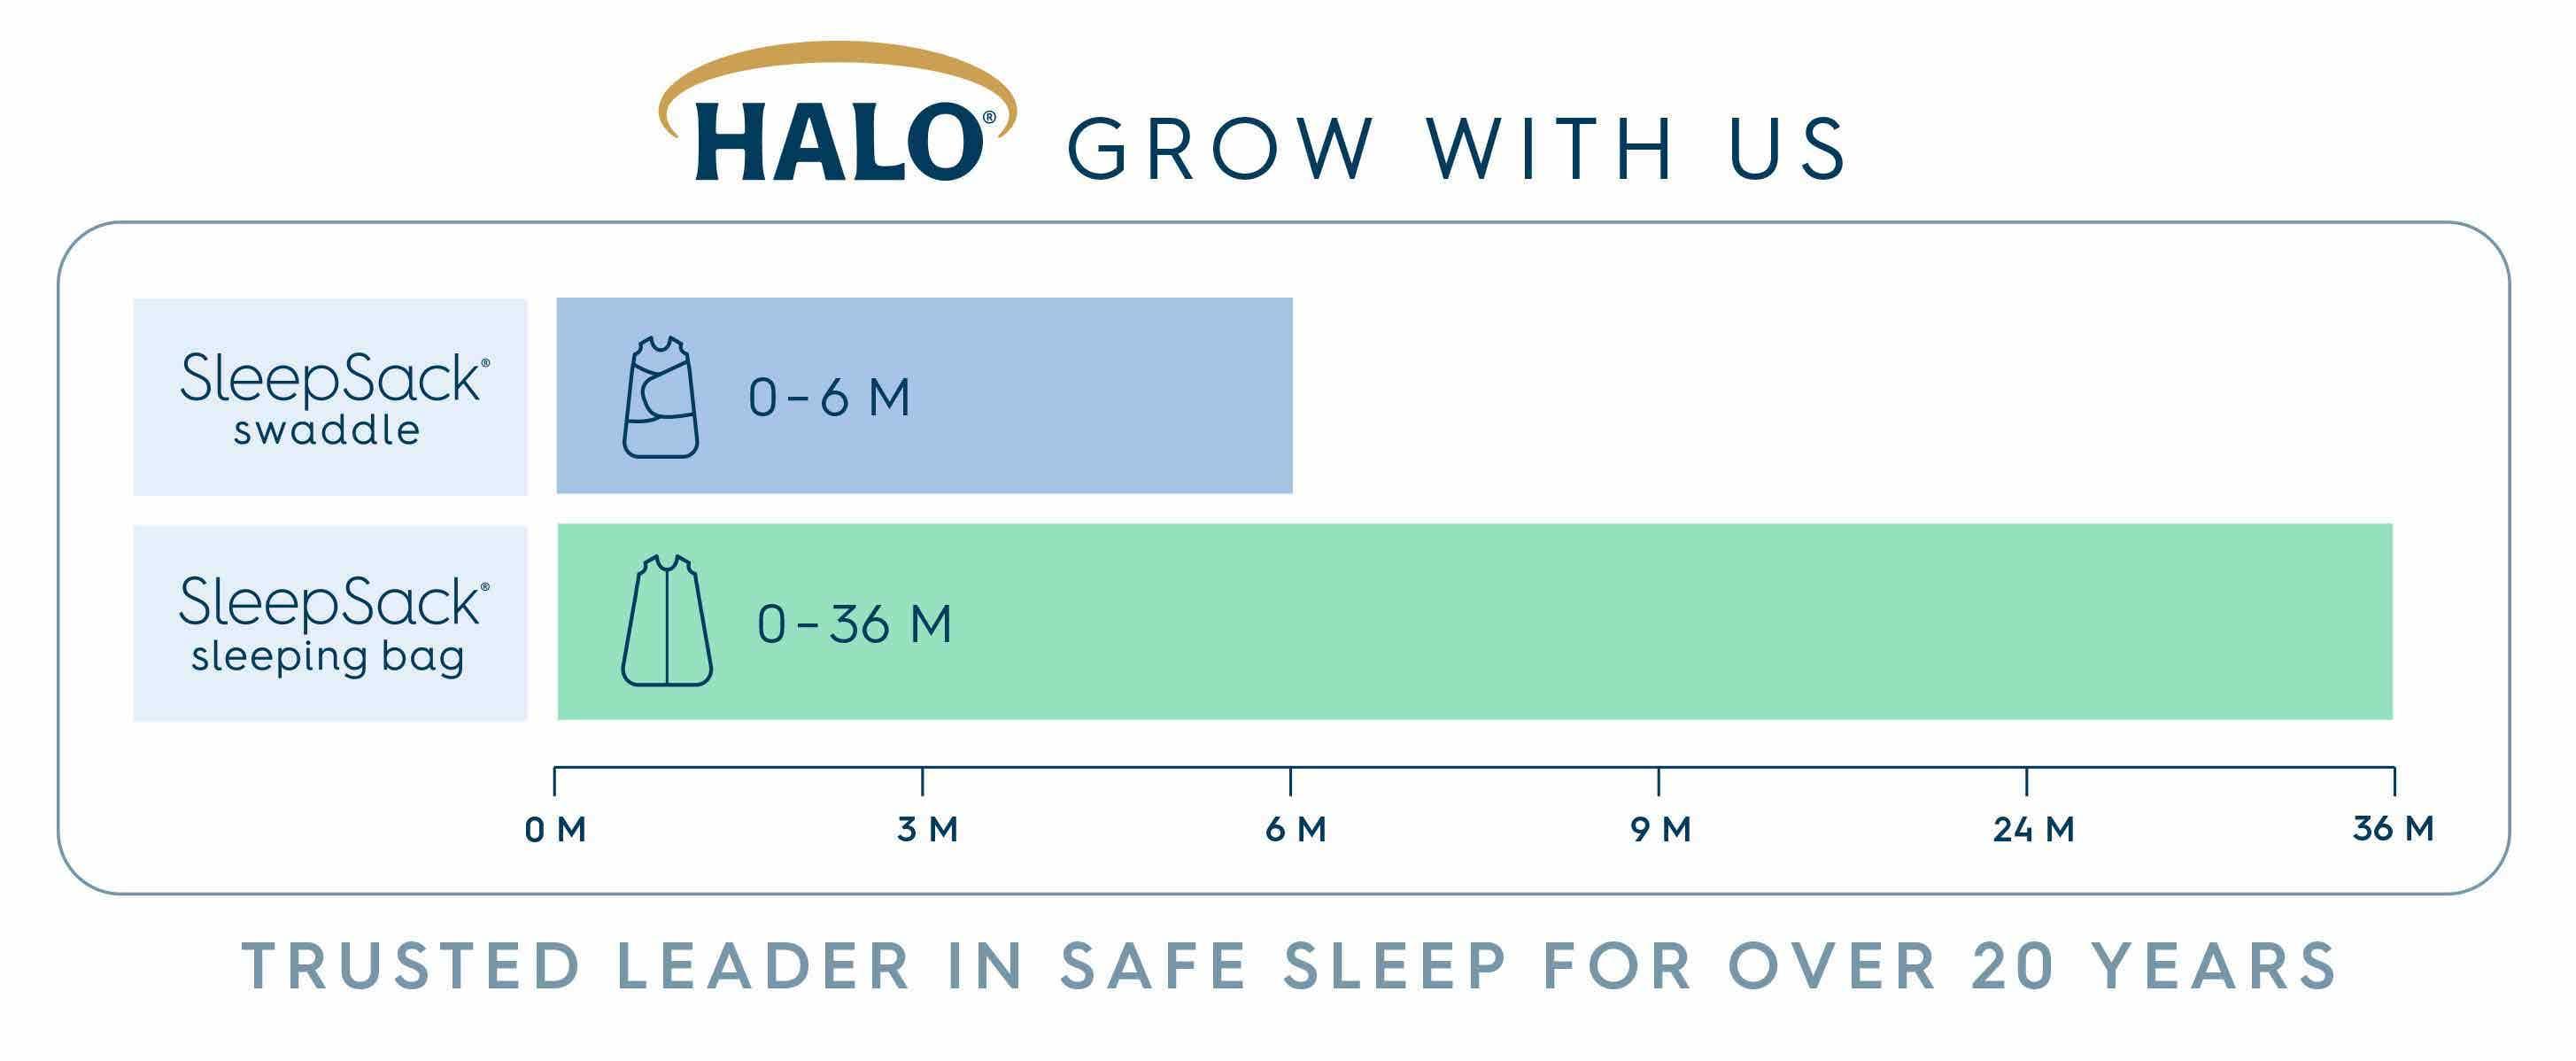 HALO SleepSack size chart